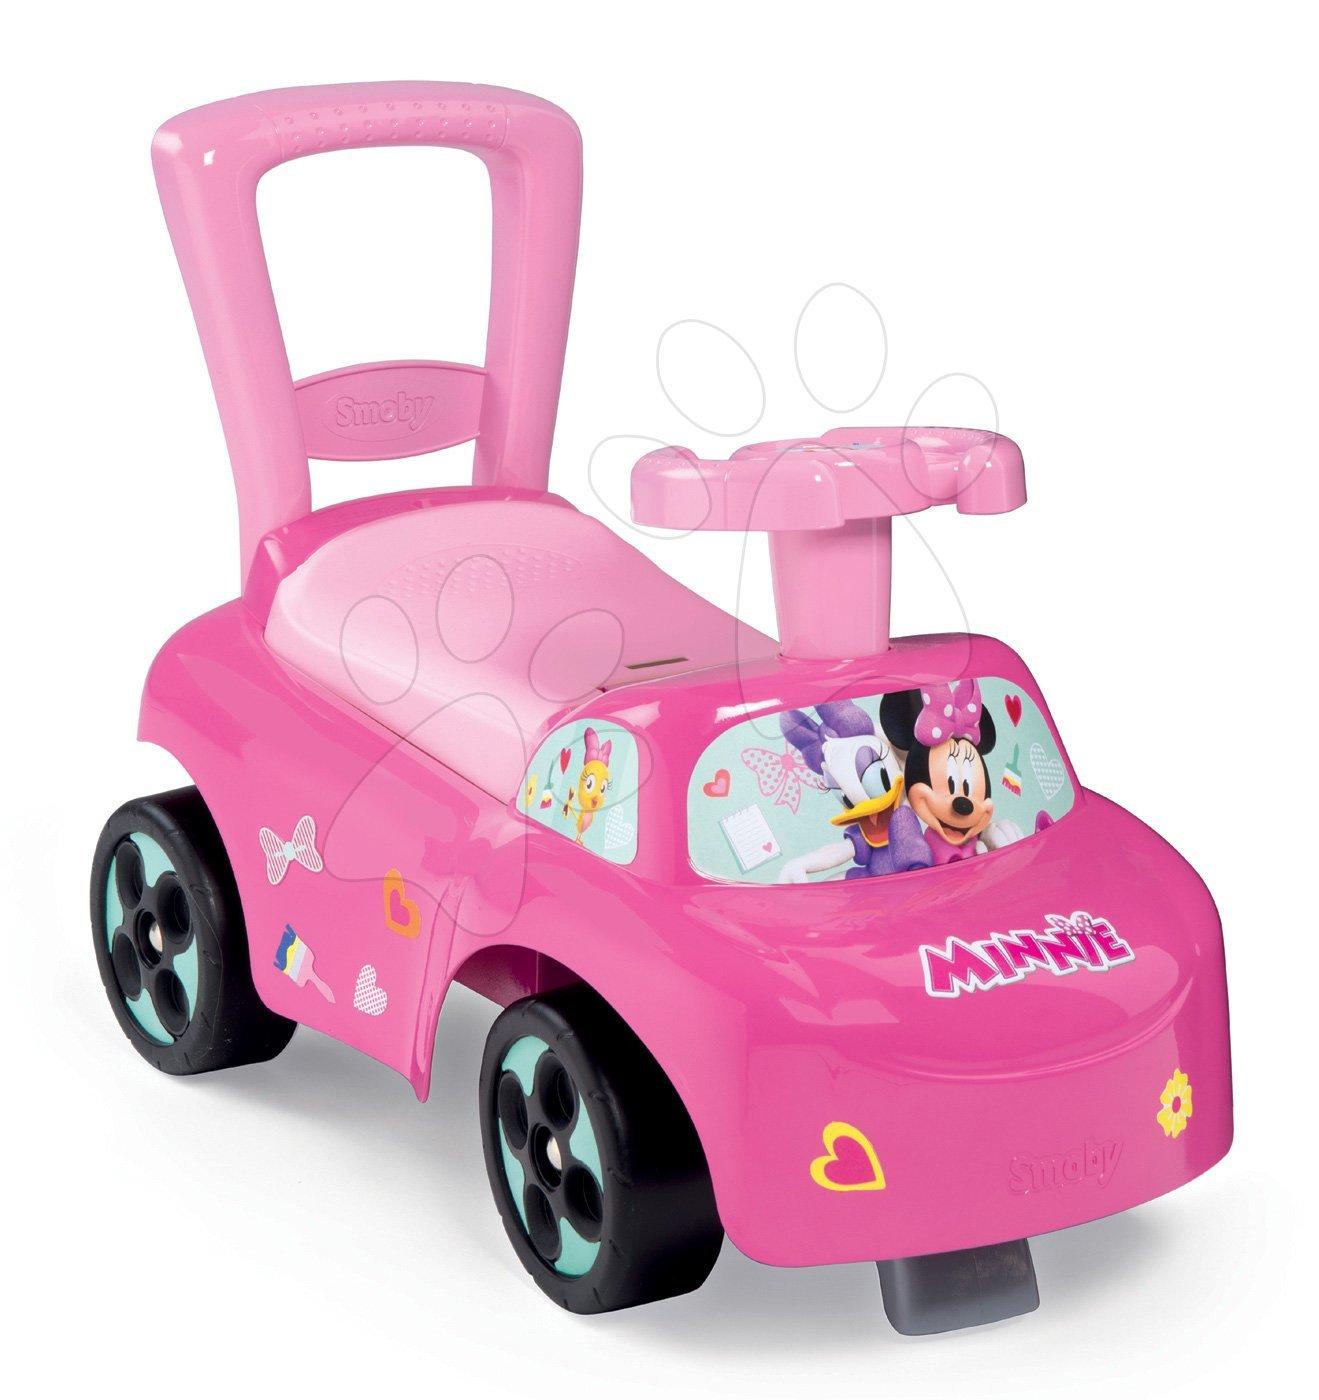 Smoby odrážadlo a chodítko Minnie Disney s opierkou a úložným priestorom ružové 720522